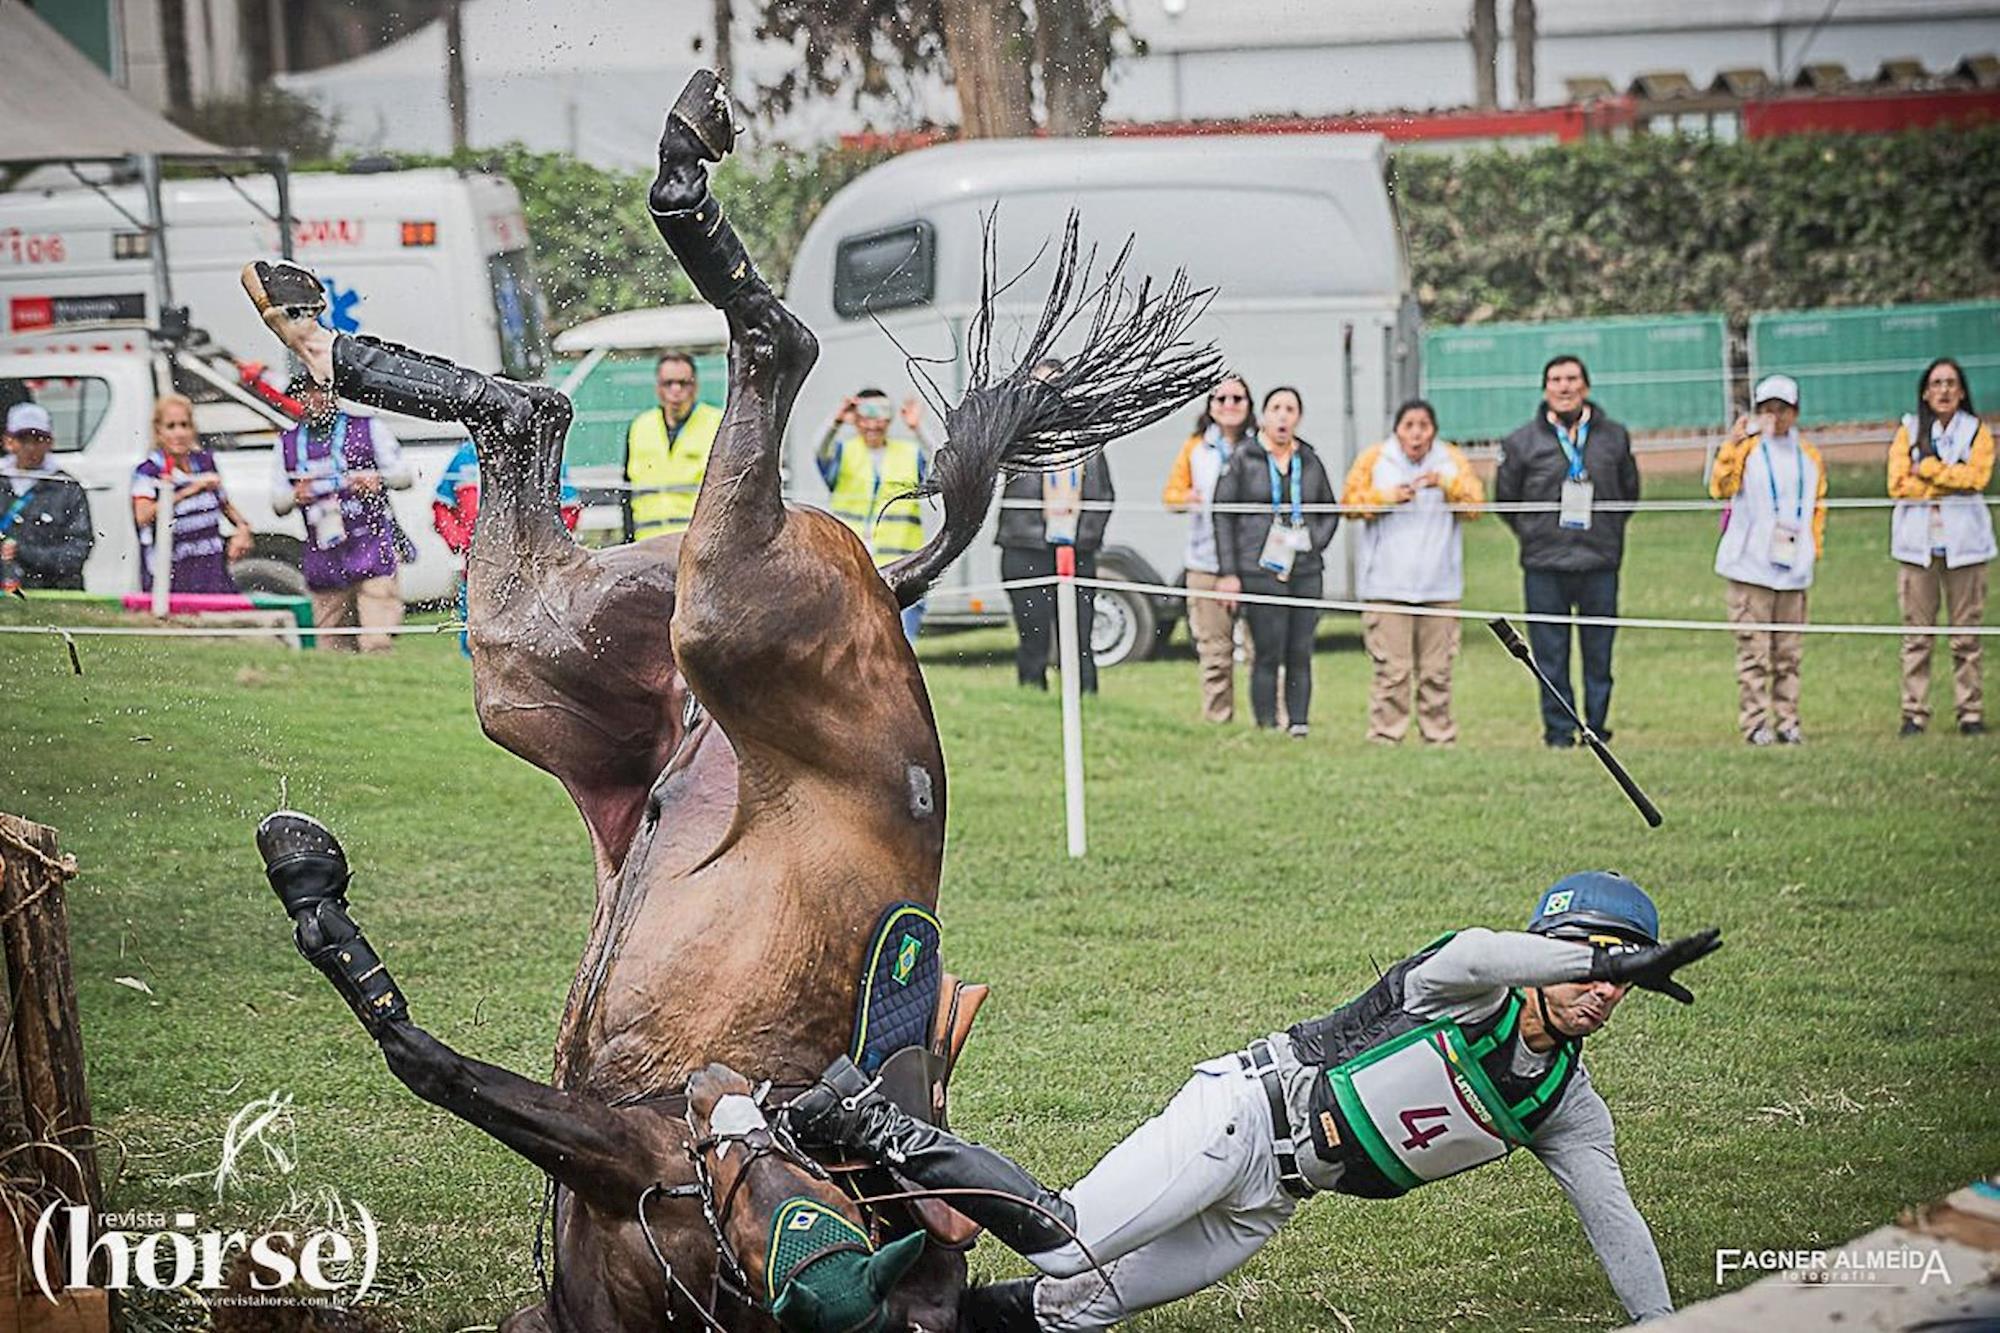 O vôo de Ruy Fonseca